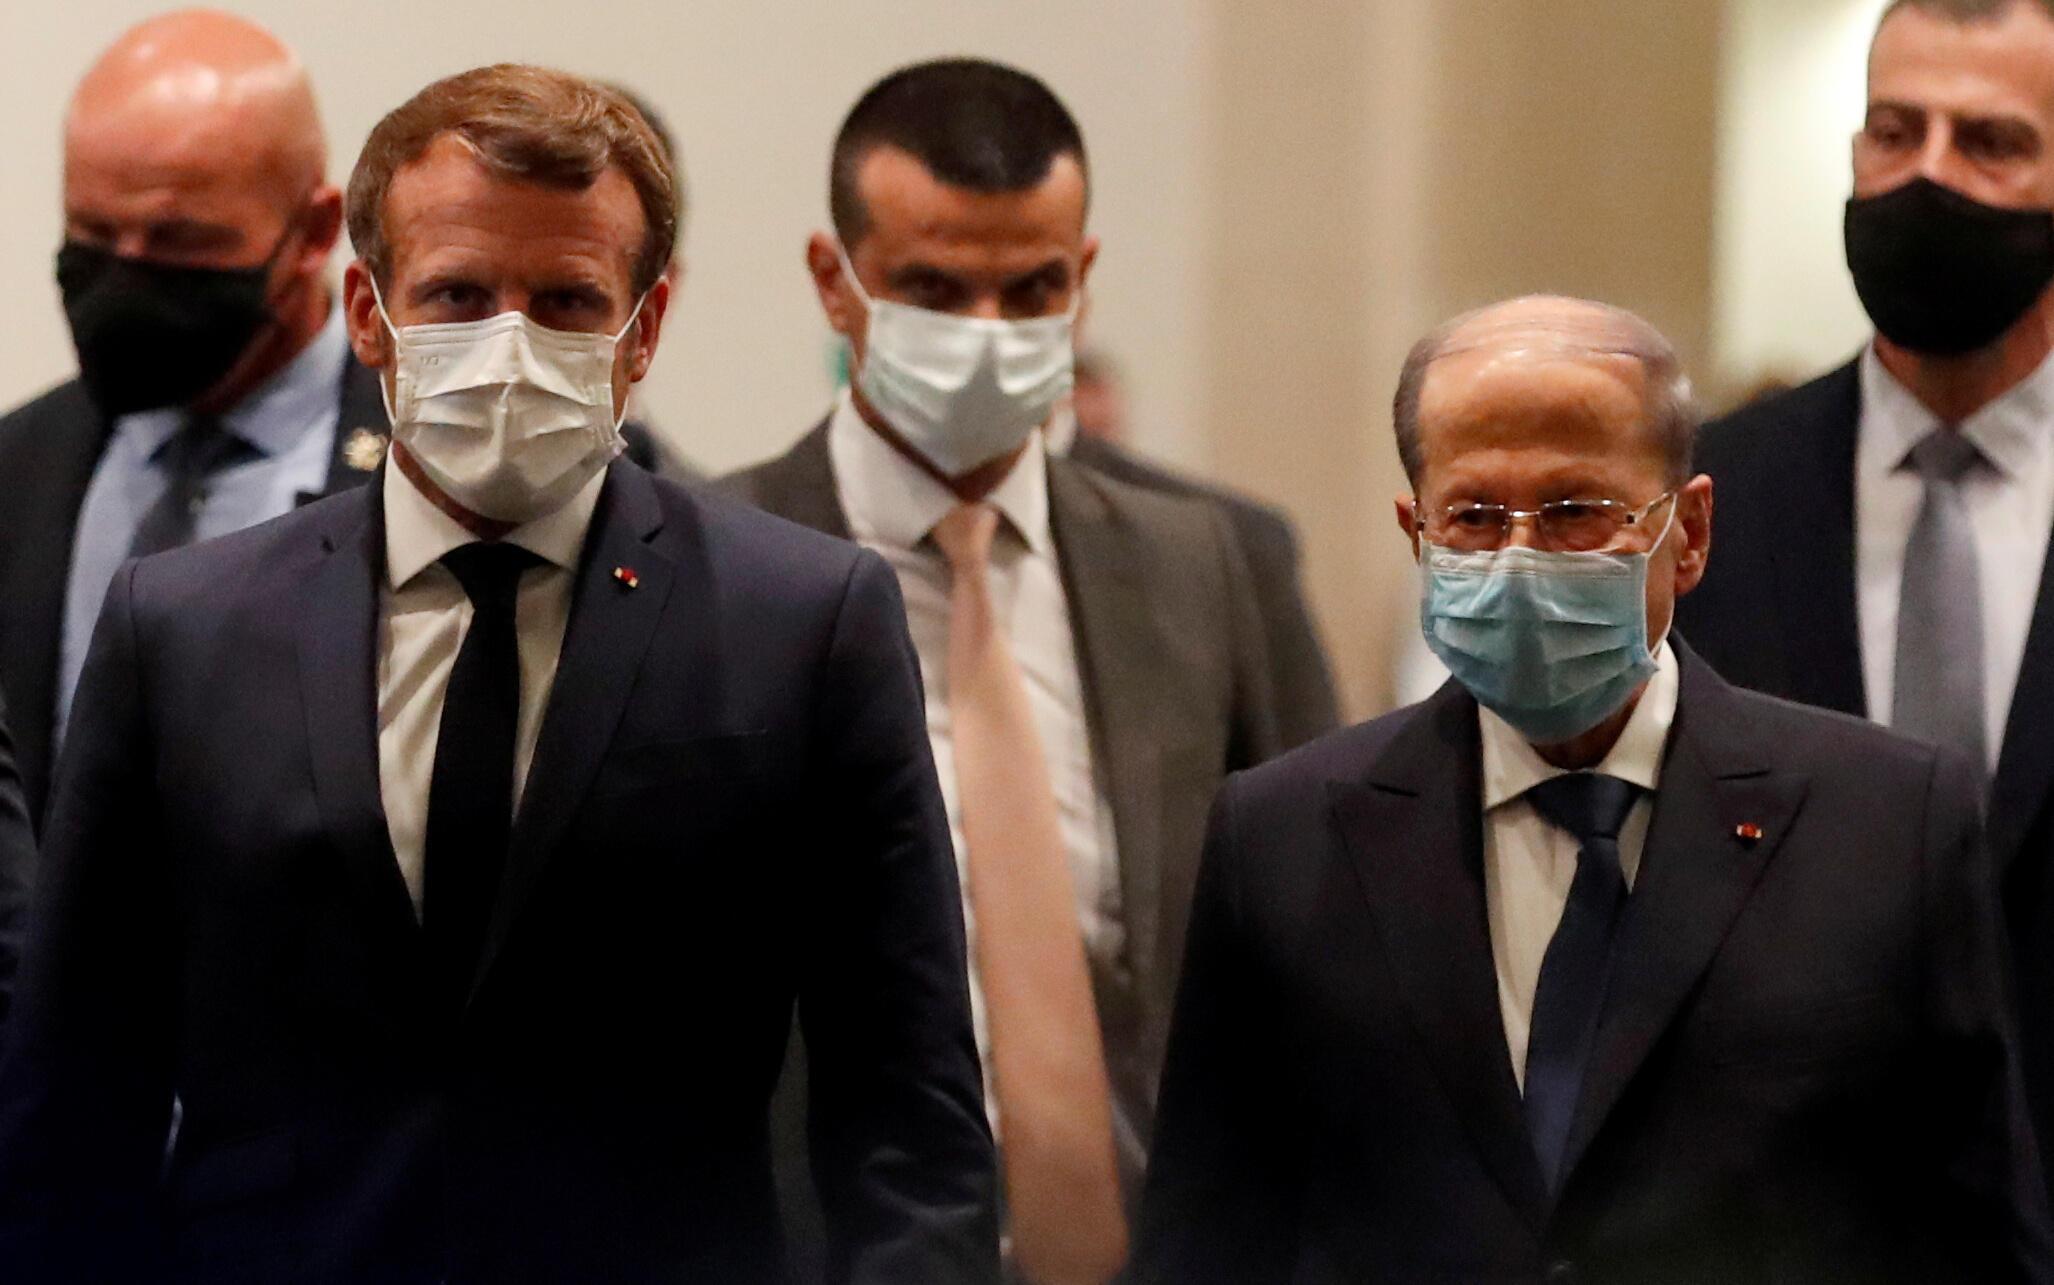 Le président français Emmanuel Macron et son homologue libanais, Michel Aoun, à l'aéroport international de Beyrouth, le 31 août 2020.